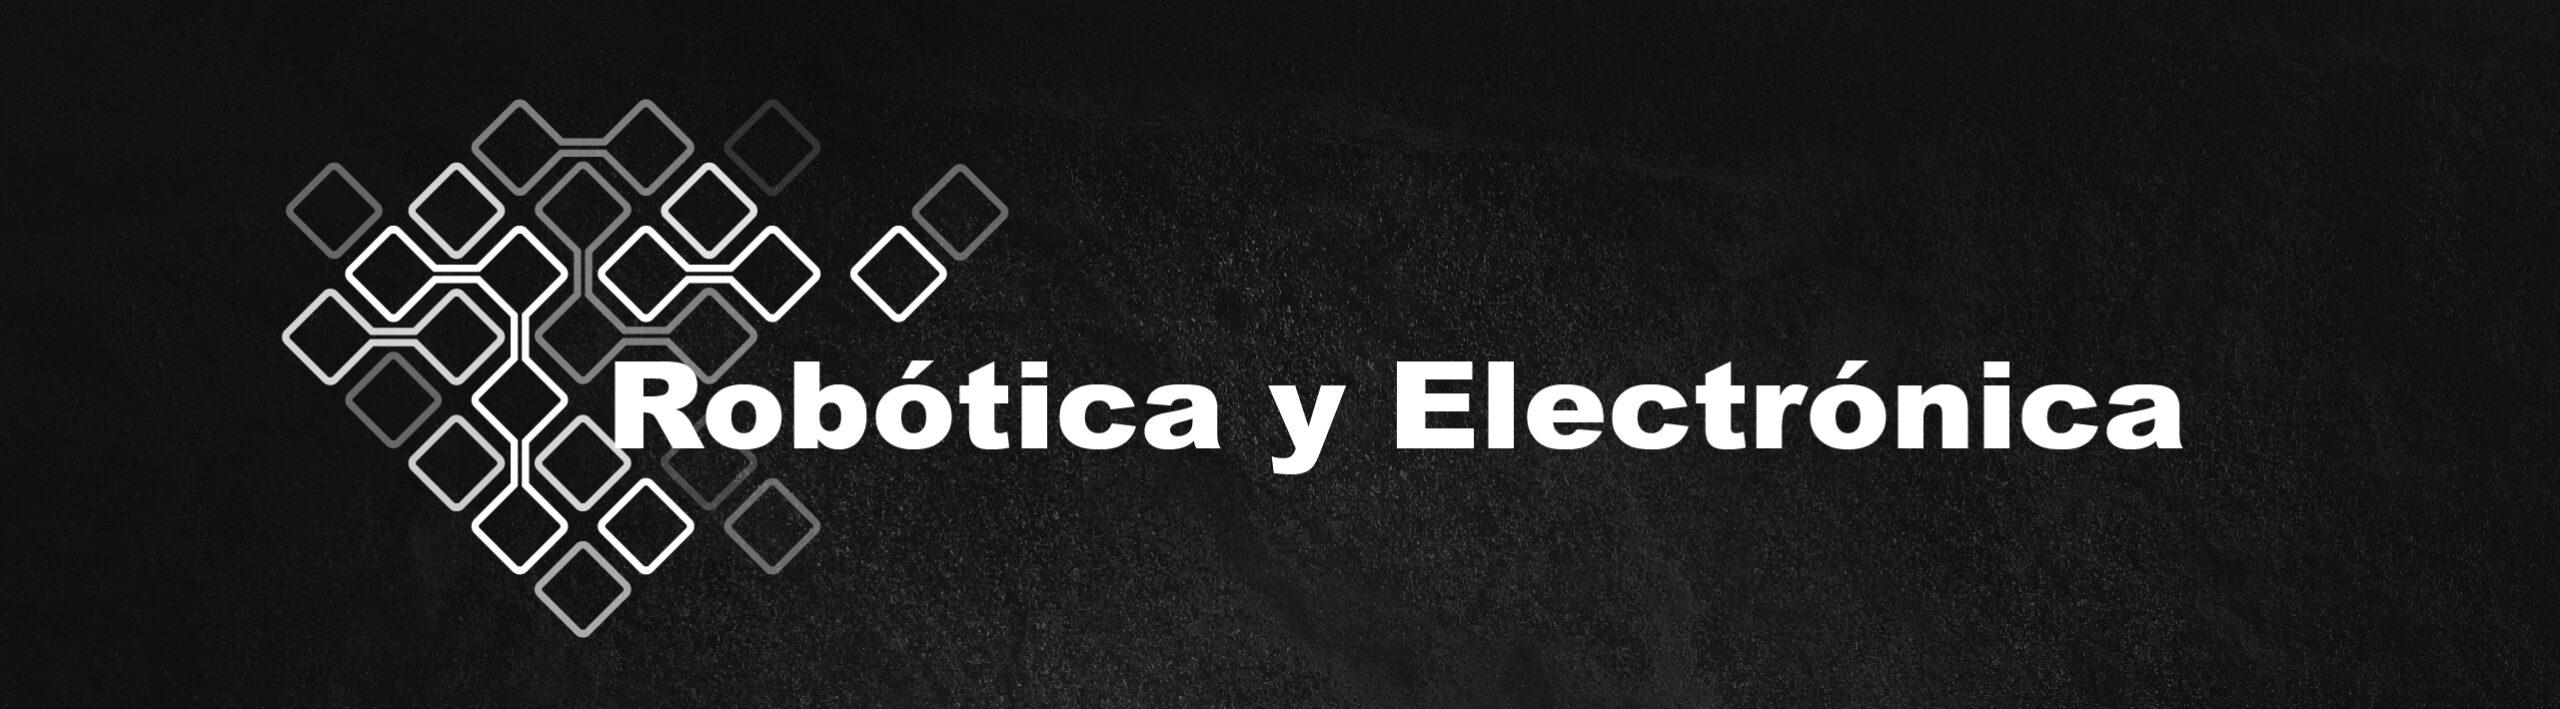 Logo Robótica y Electrónica